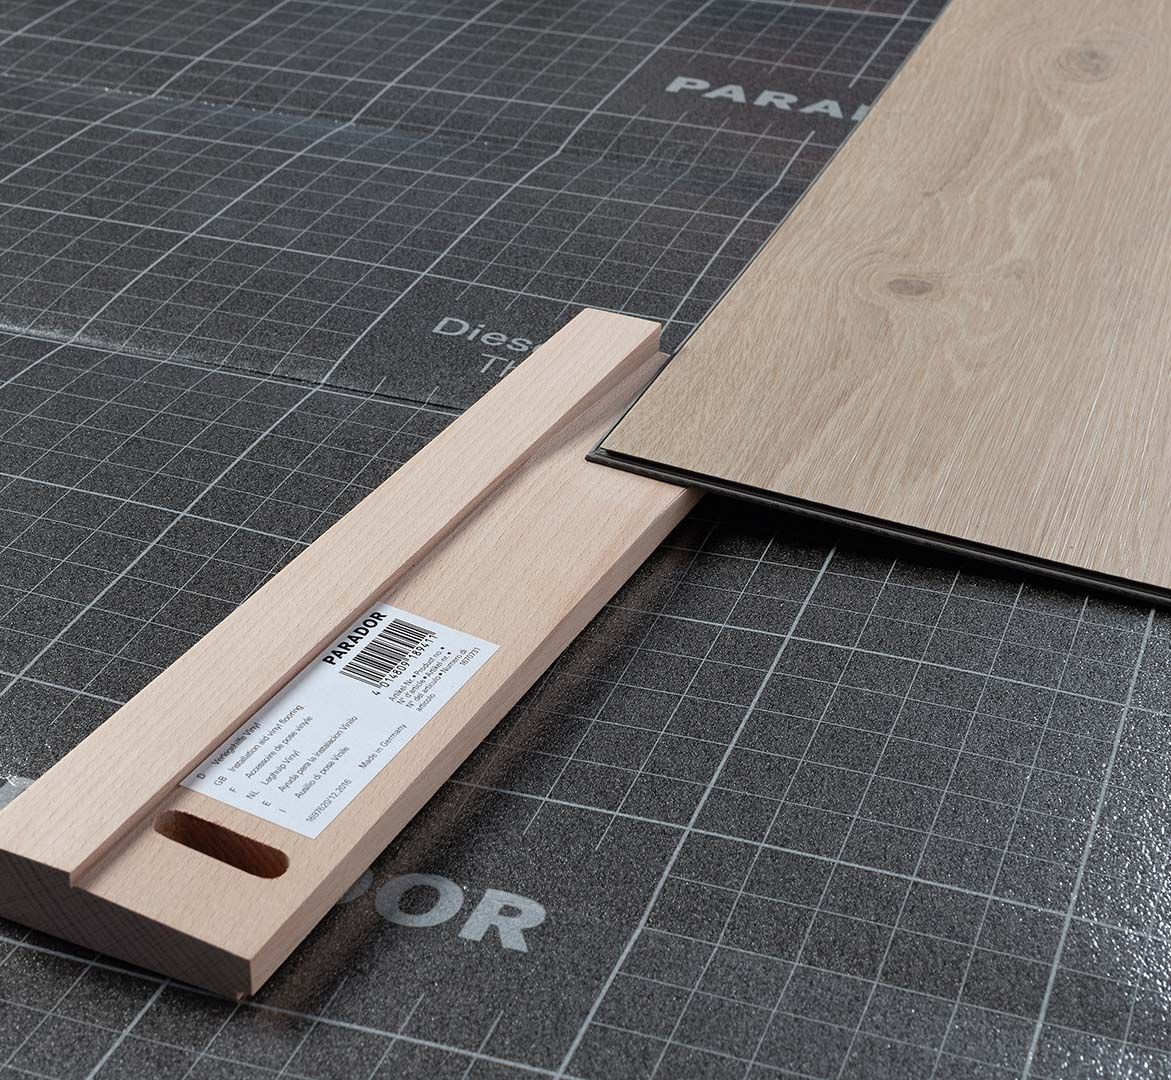 Installation aid for vinyl flooring